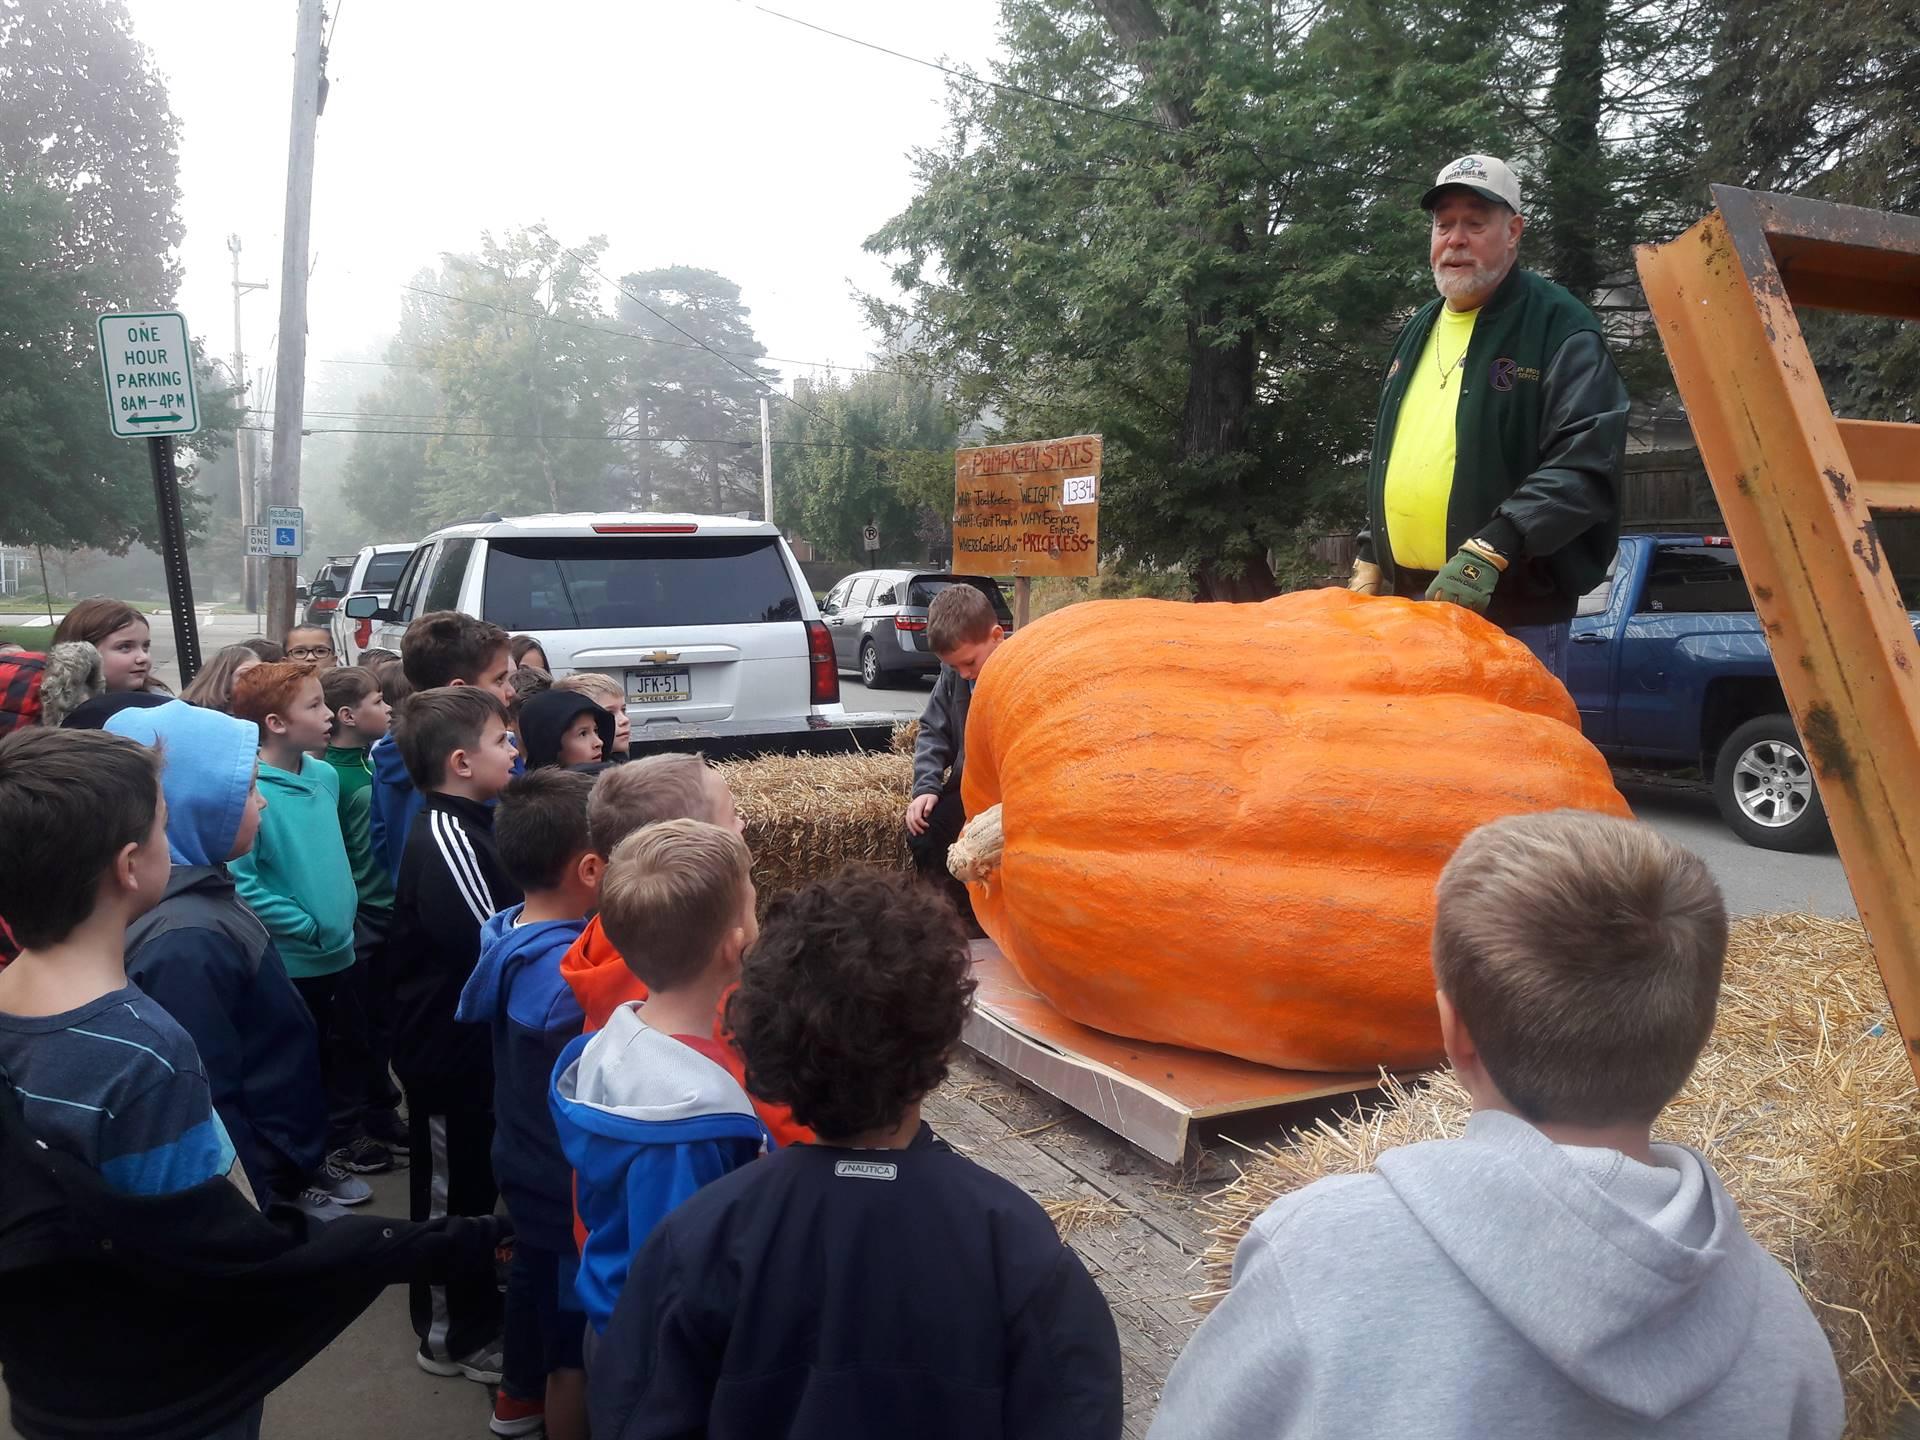 Giant Pumpkin Visits Tenth Street